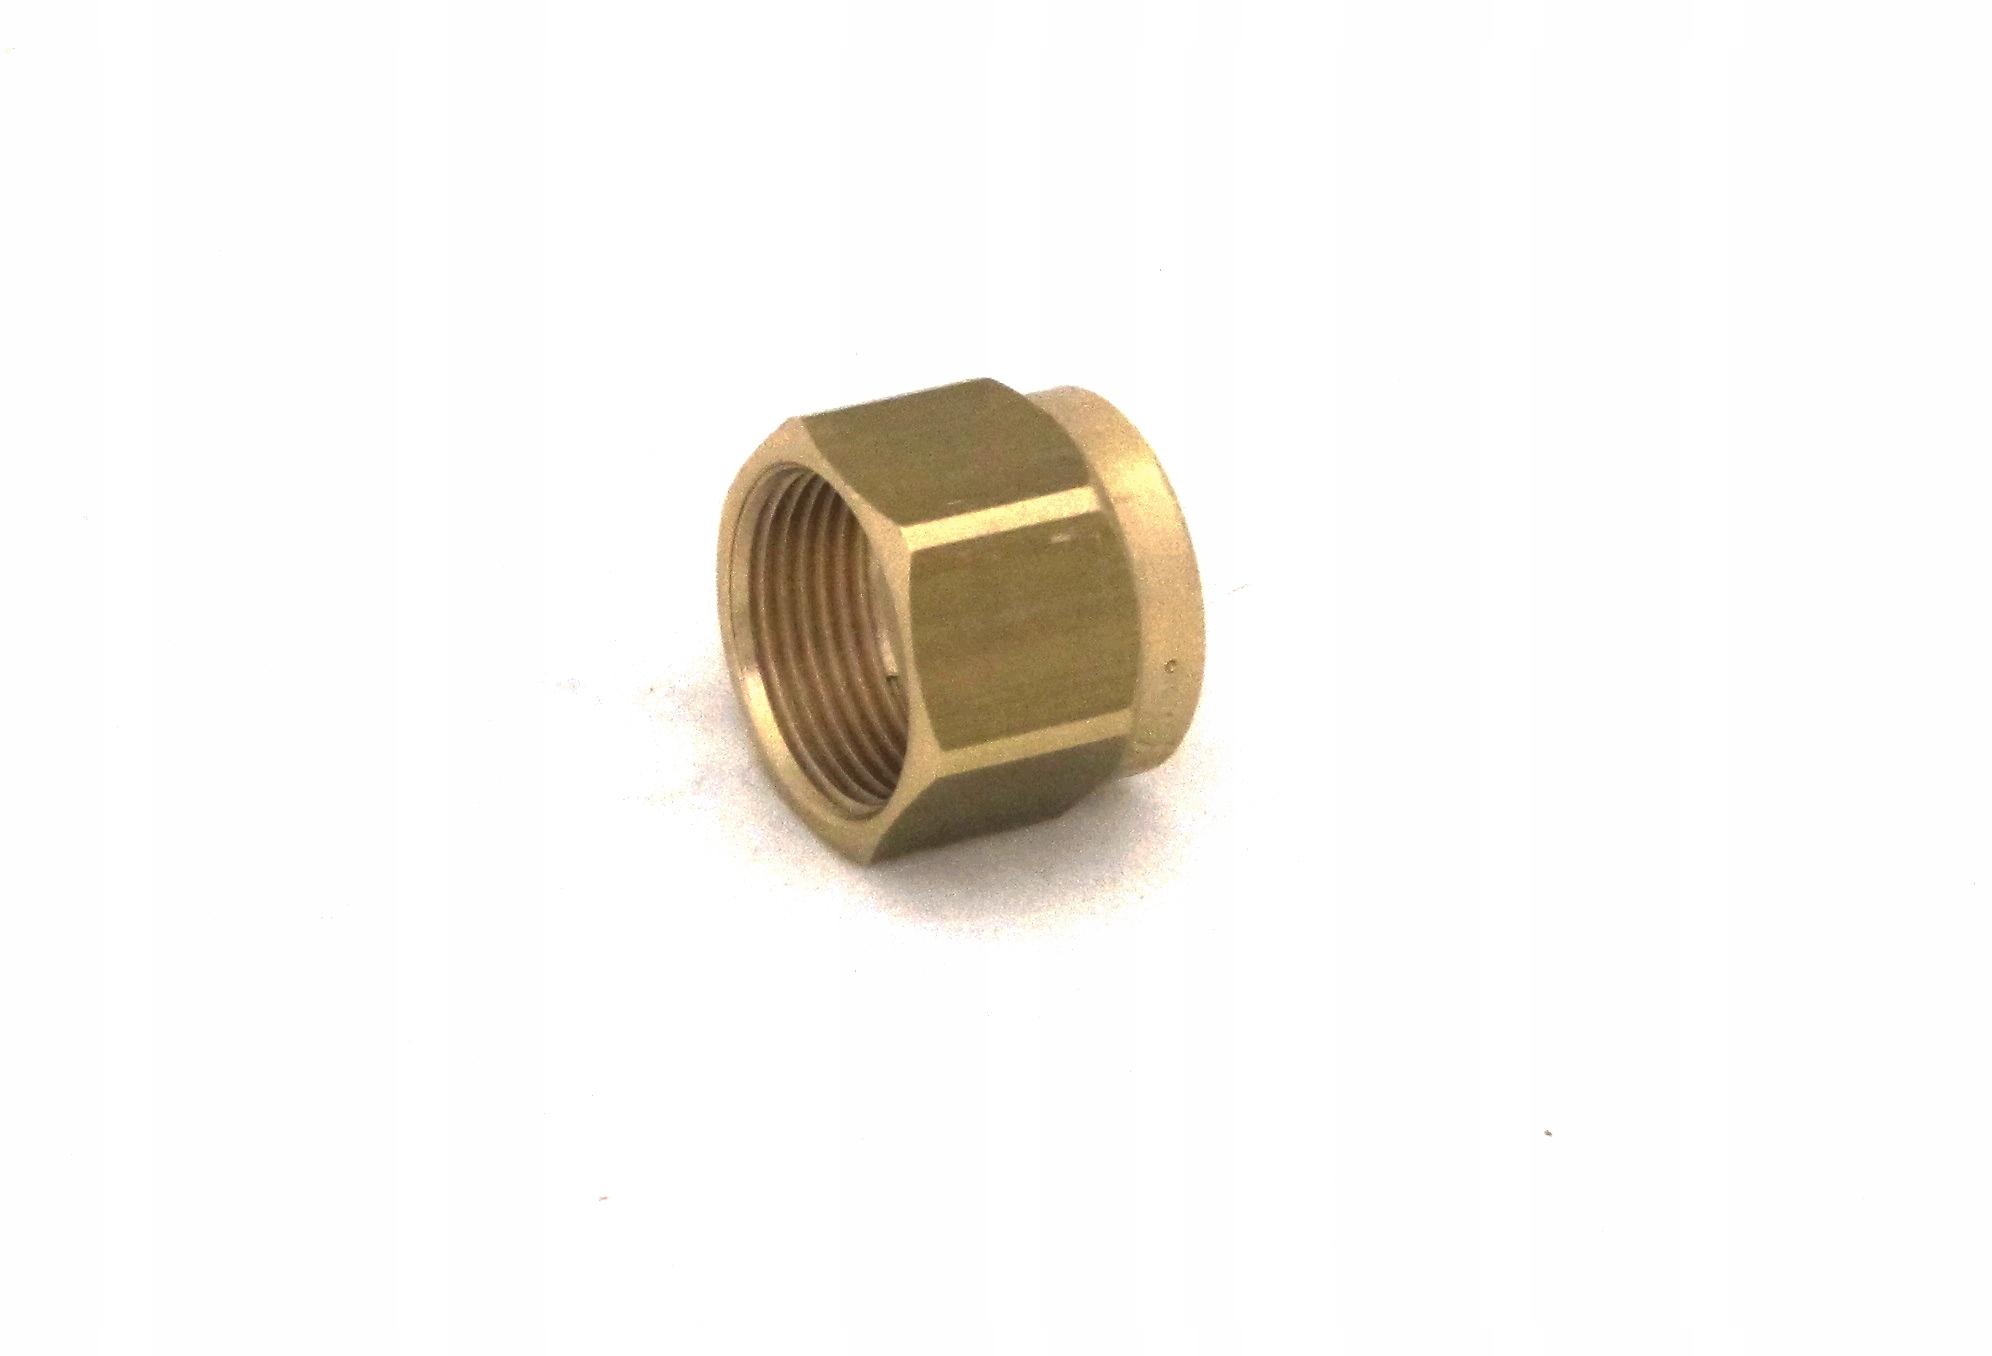 гайка колодка провода elastyczengo d8 faro